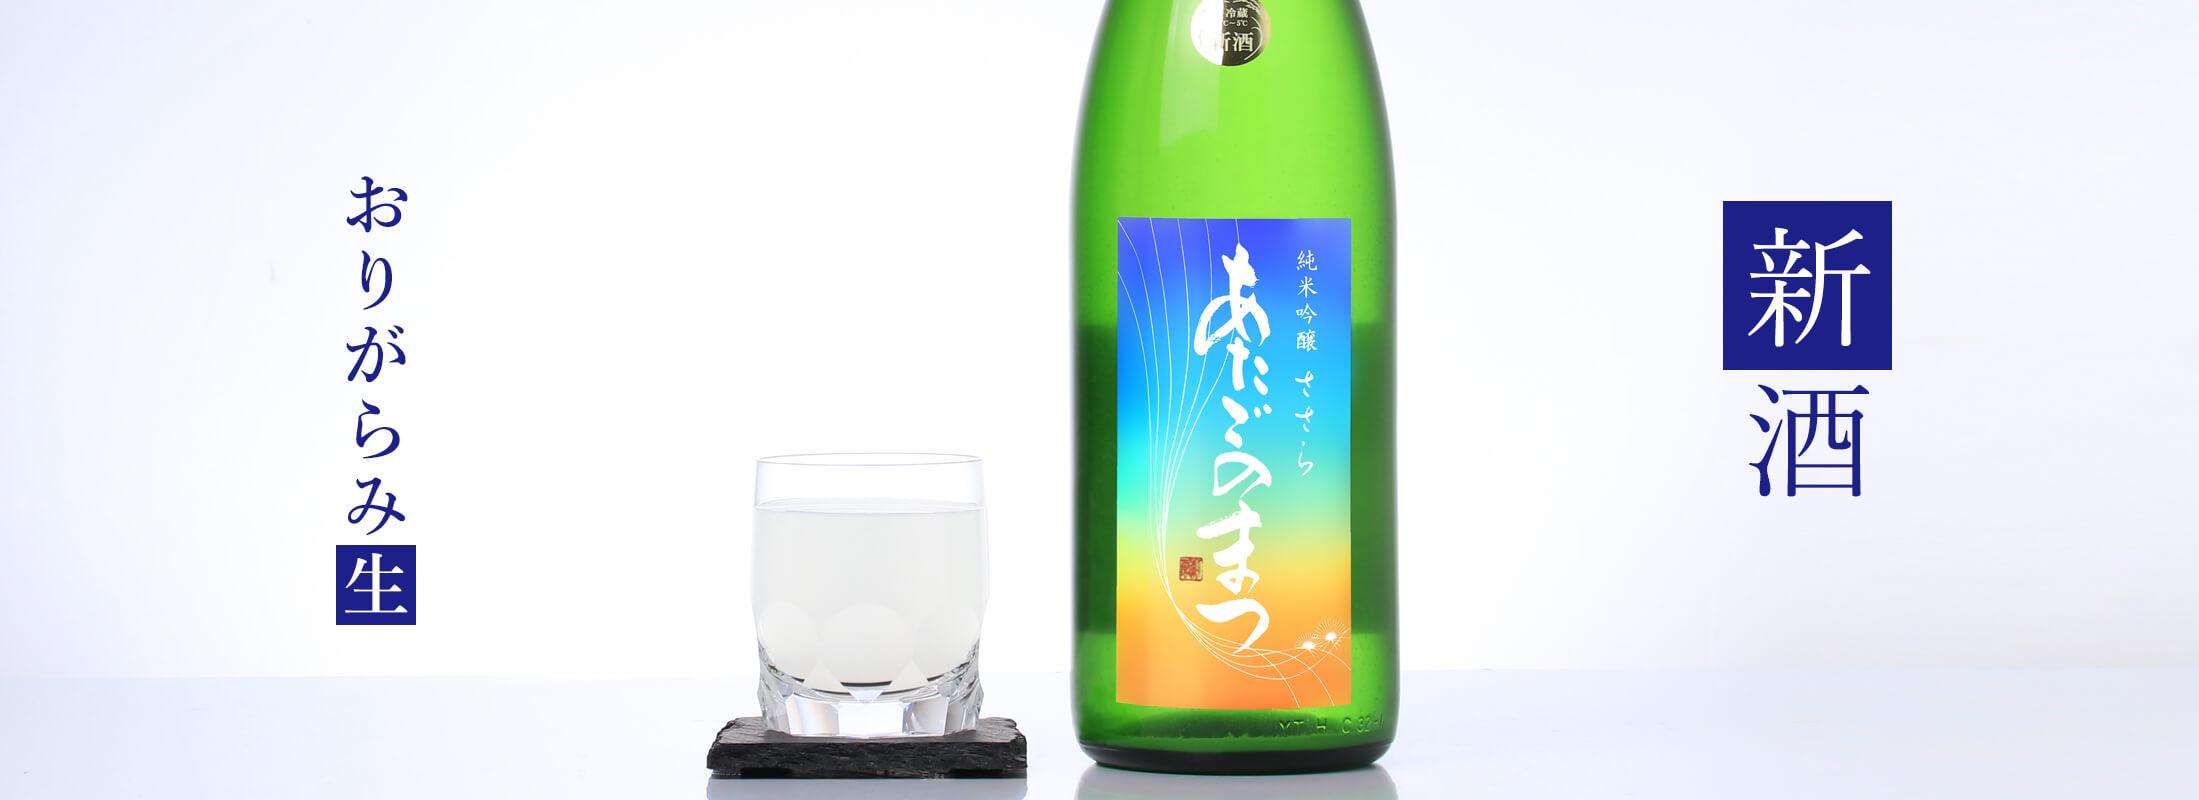 あたごのまつ 純米吟醸 ささら おりがらみ生酒